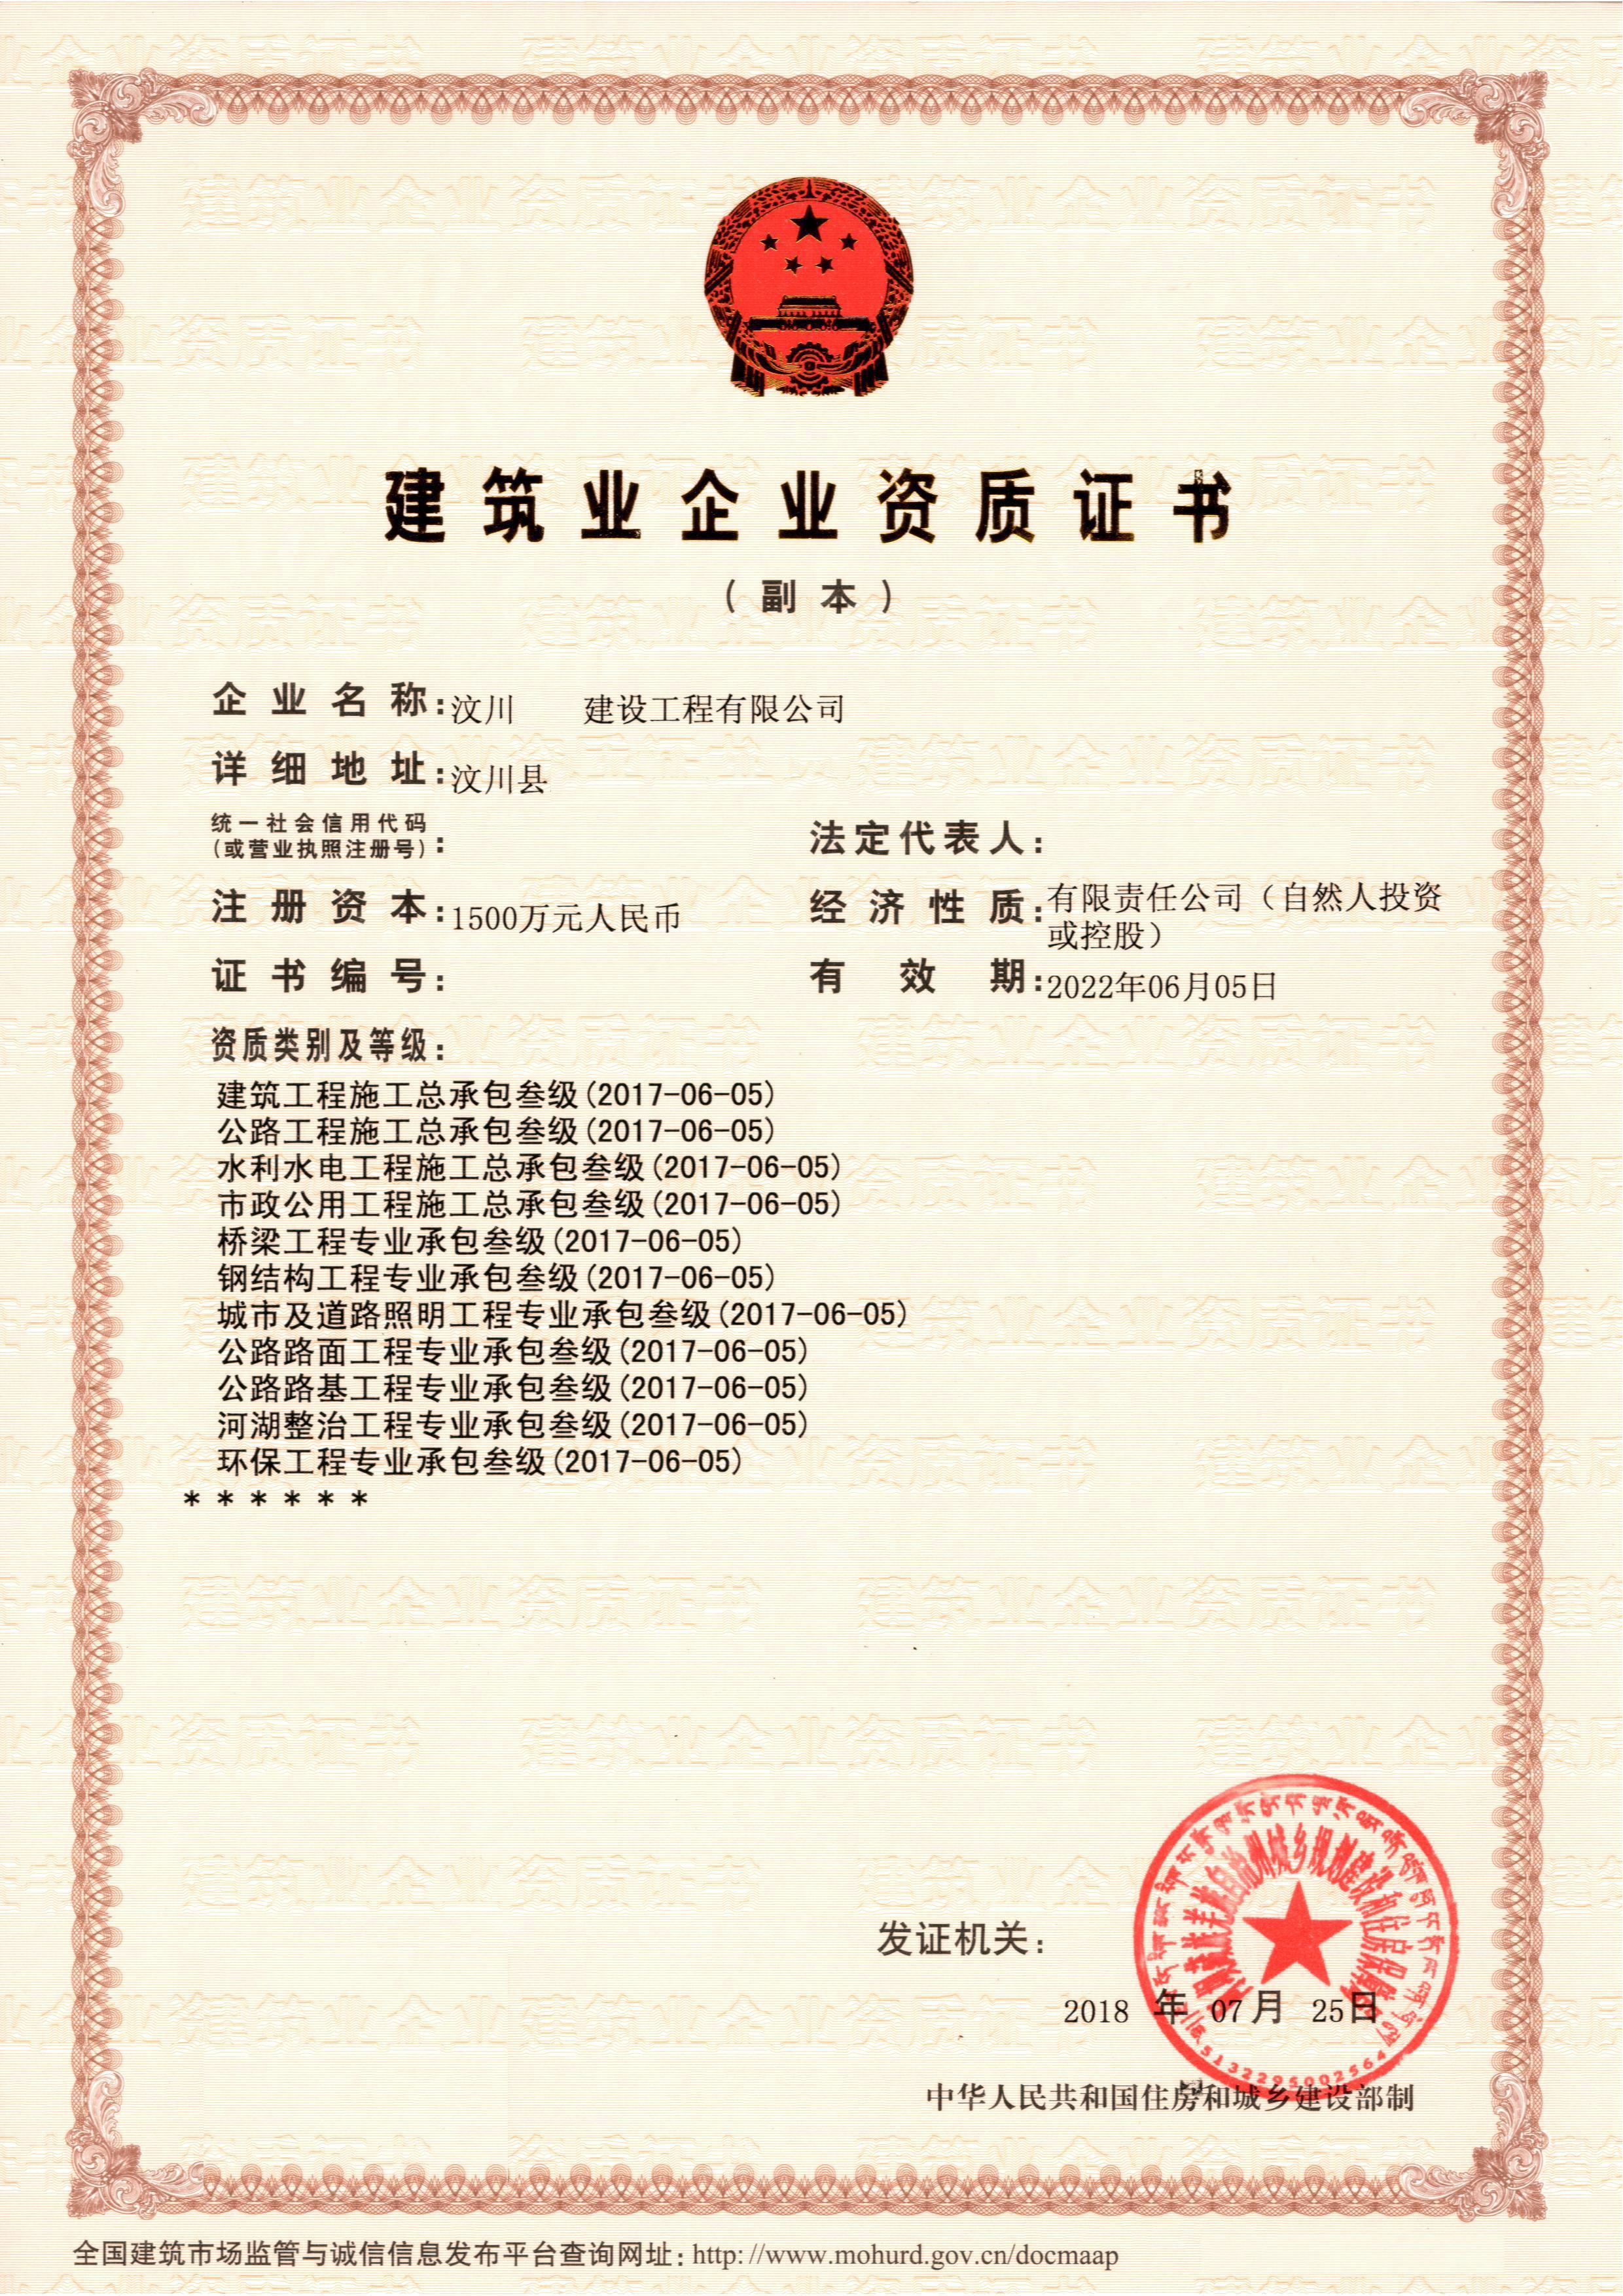 2018.7.25-汶川縣-四總包三級